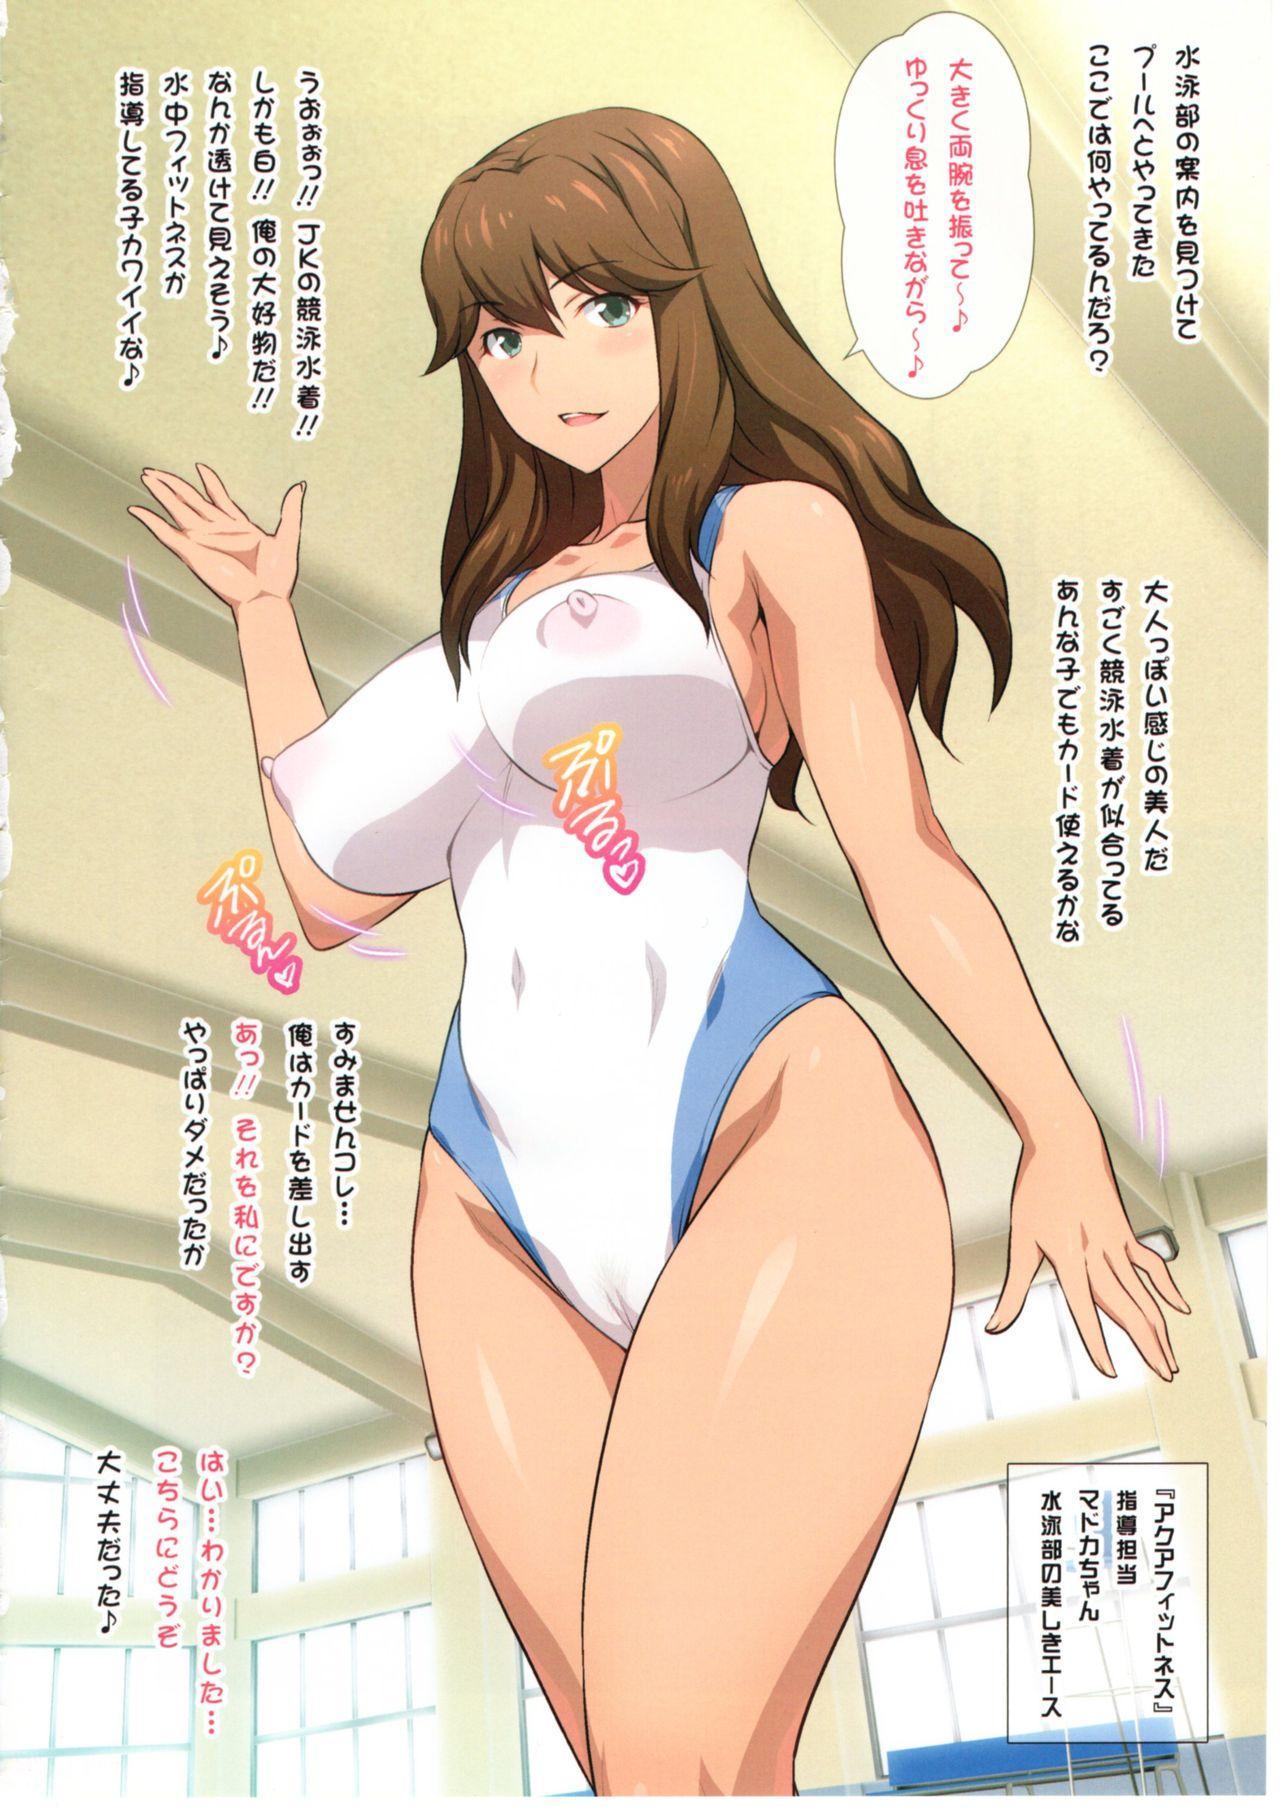 Yorokobi no Kuni Vol.31 JK Fuuzoku Gakuensai 1 16